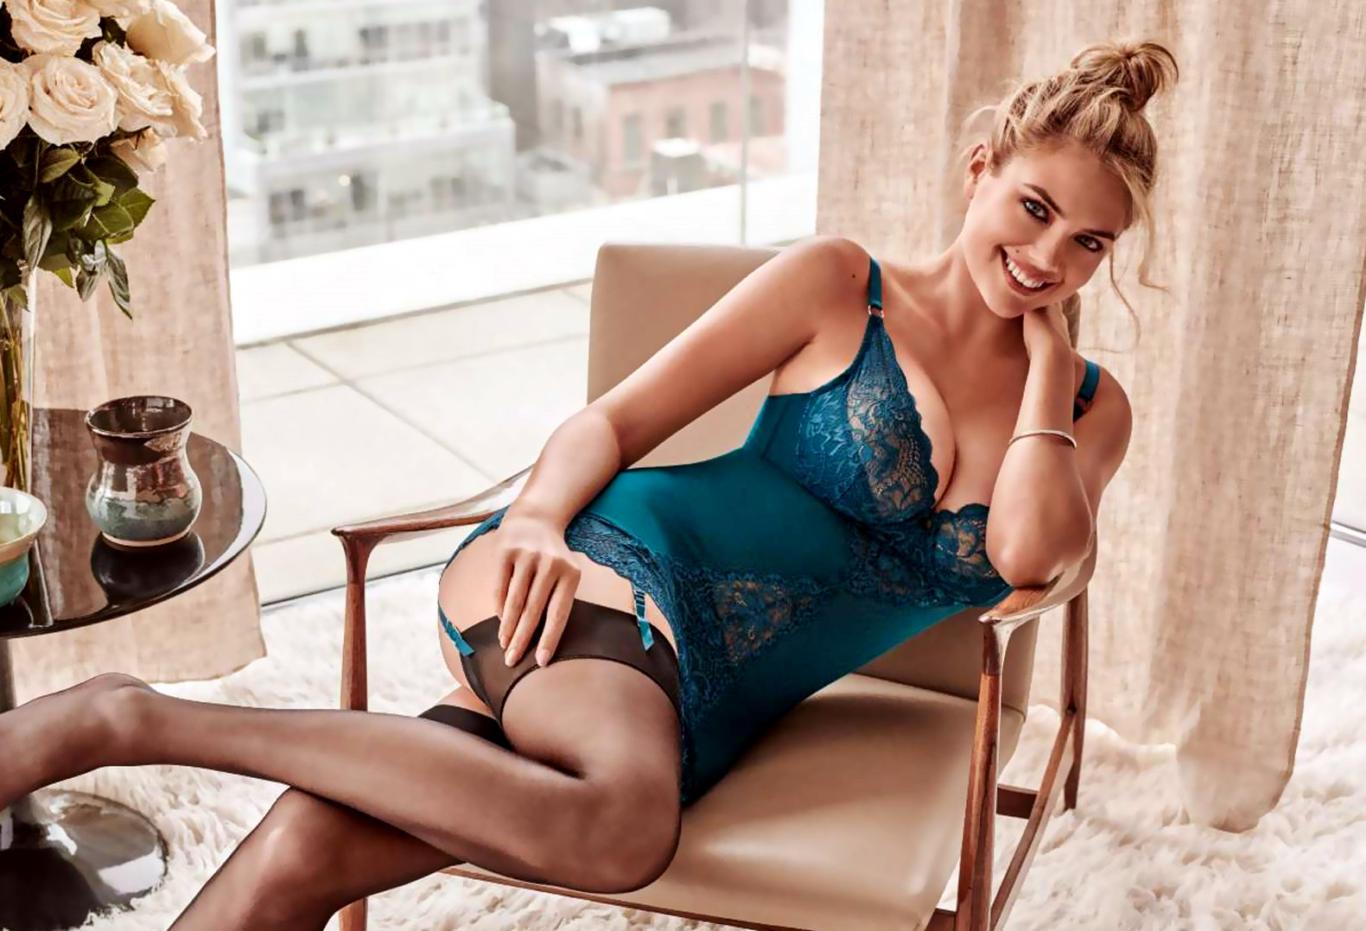 Kate Upton in Blue Lingerie Hot Wallpaper